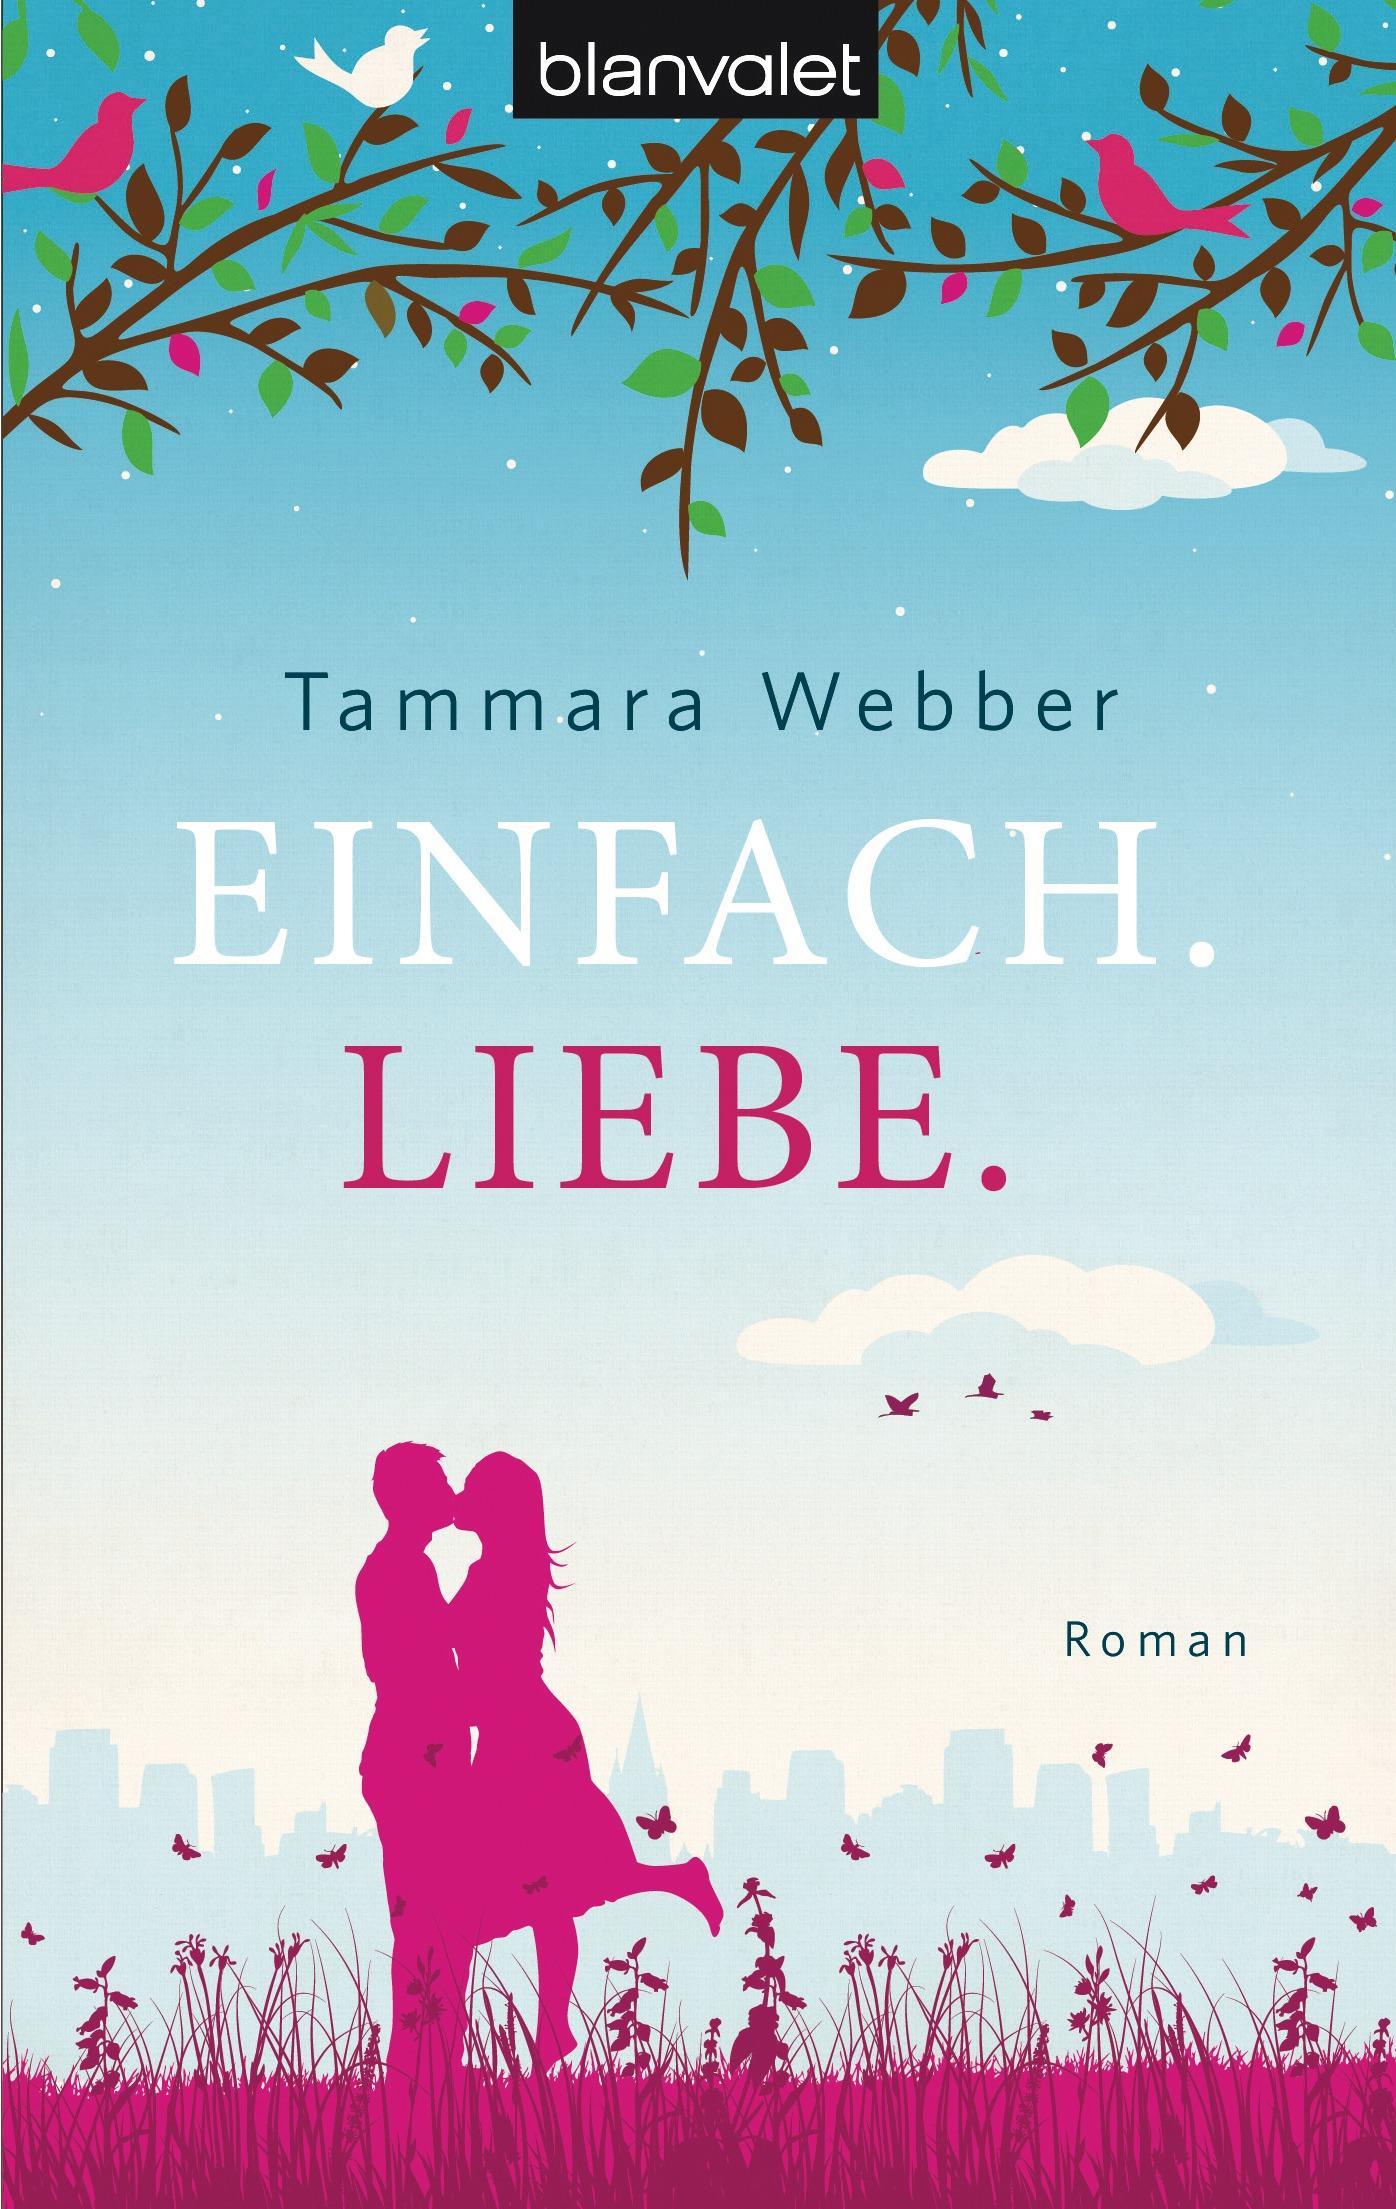 Einfach Liebe von Tammara Webber